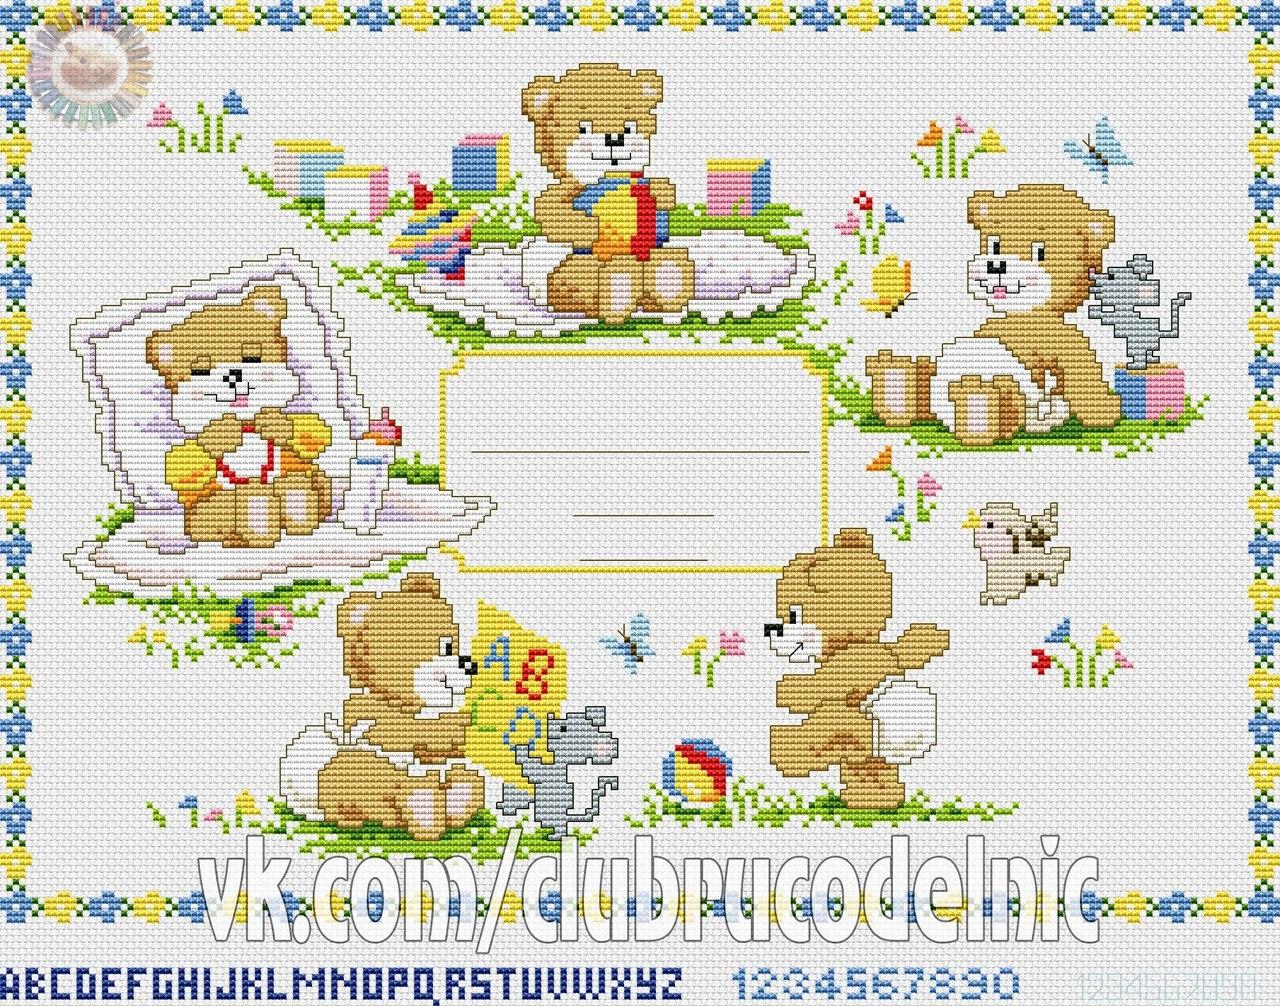 Point de croix grille gratuite naissance - korea cute